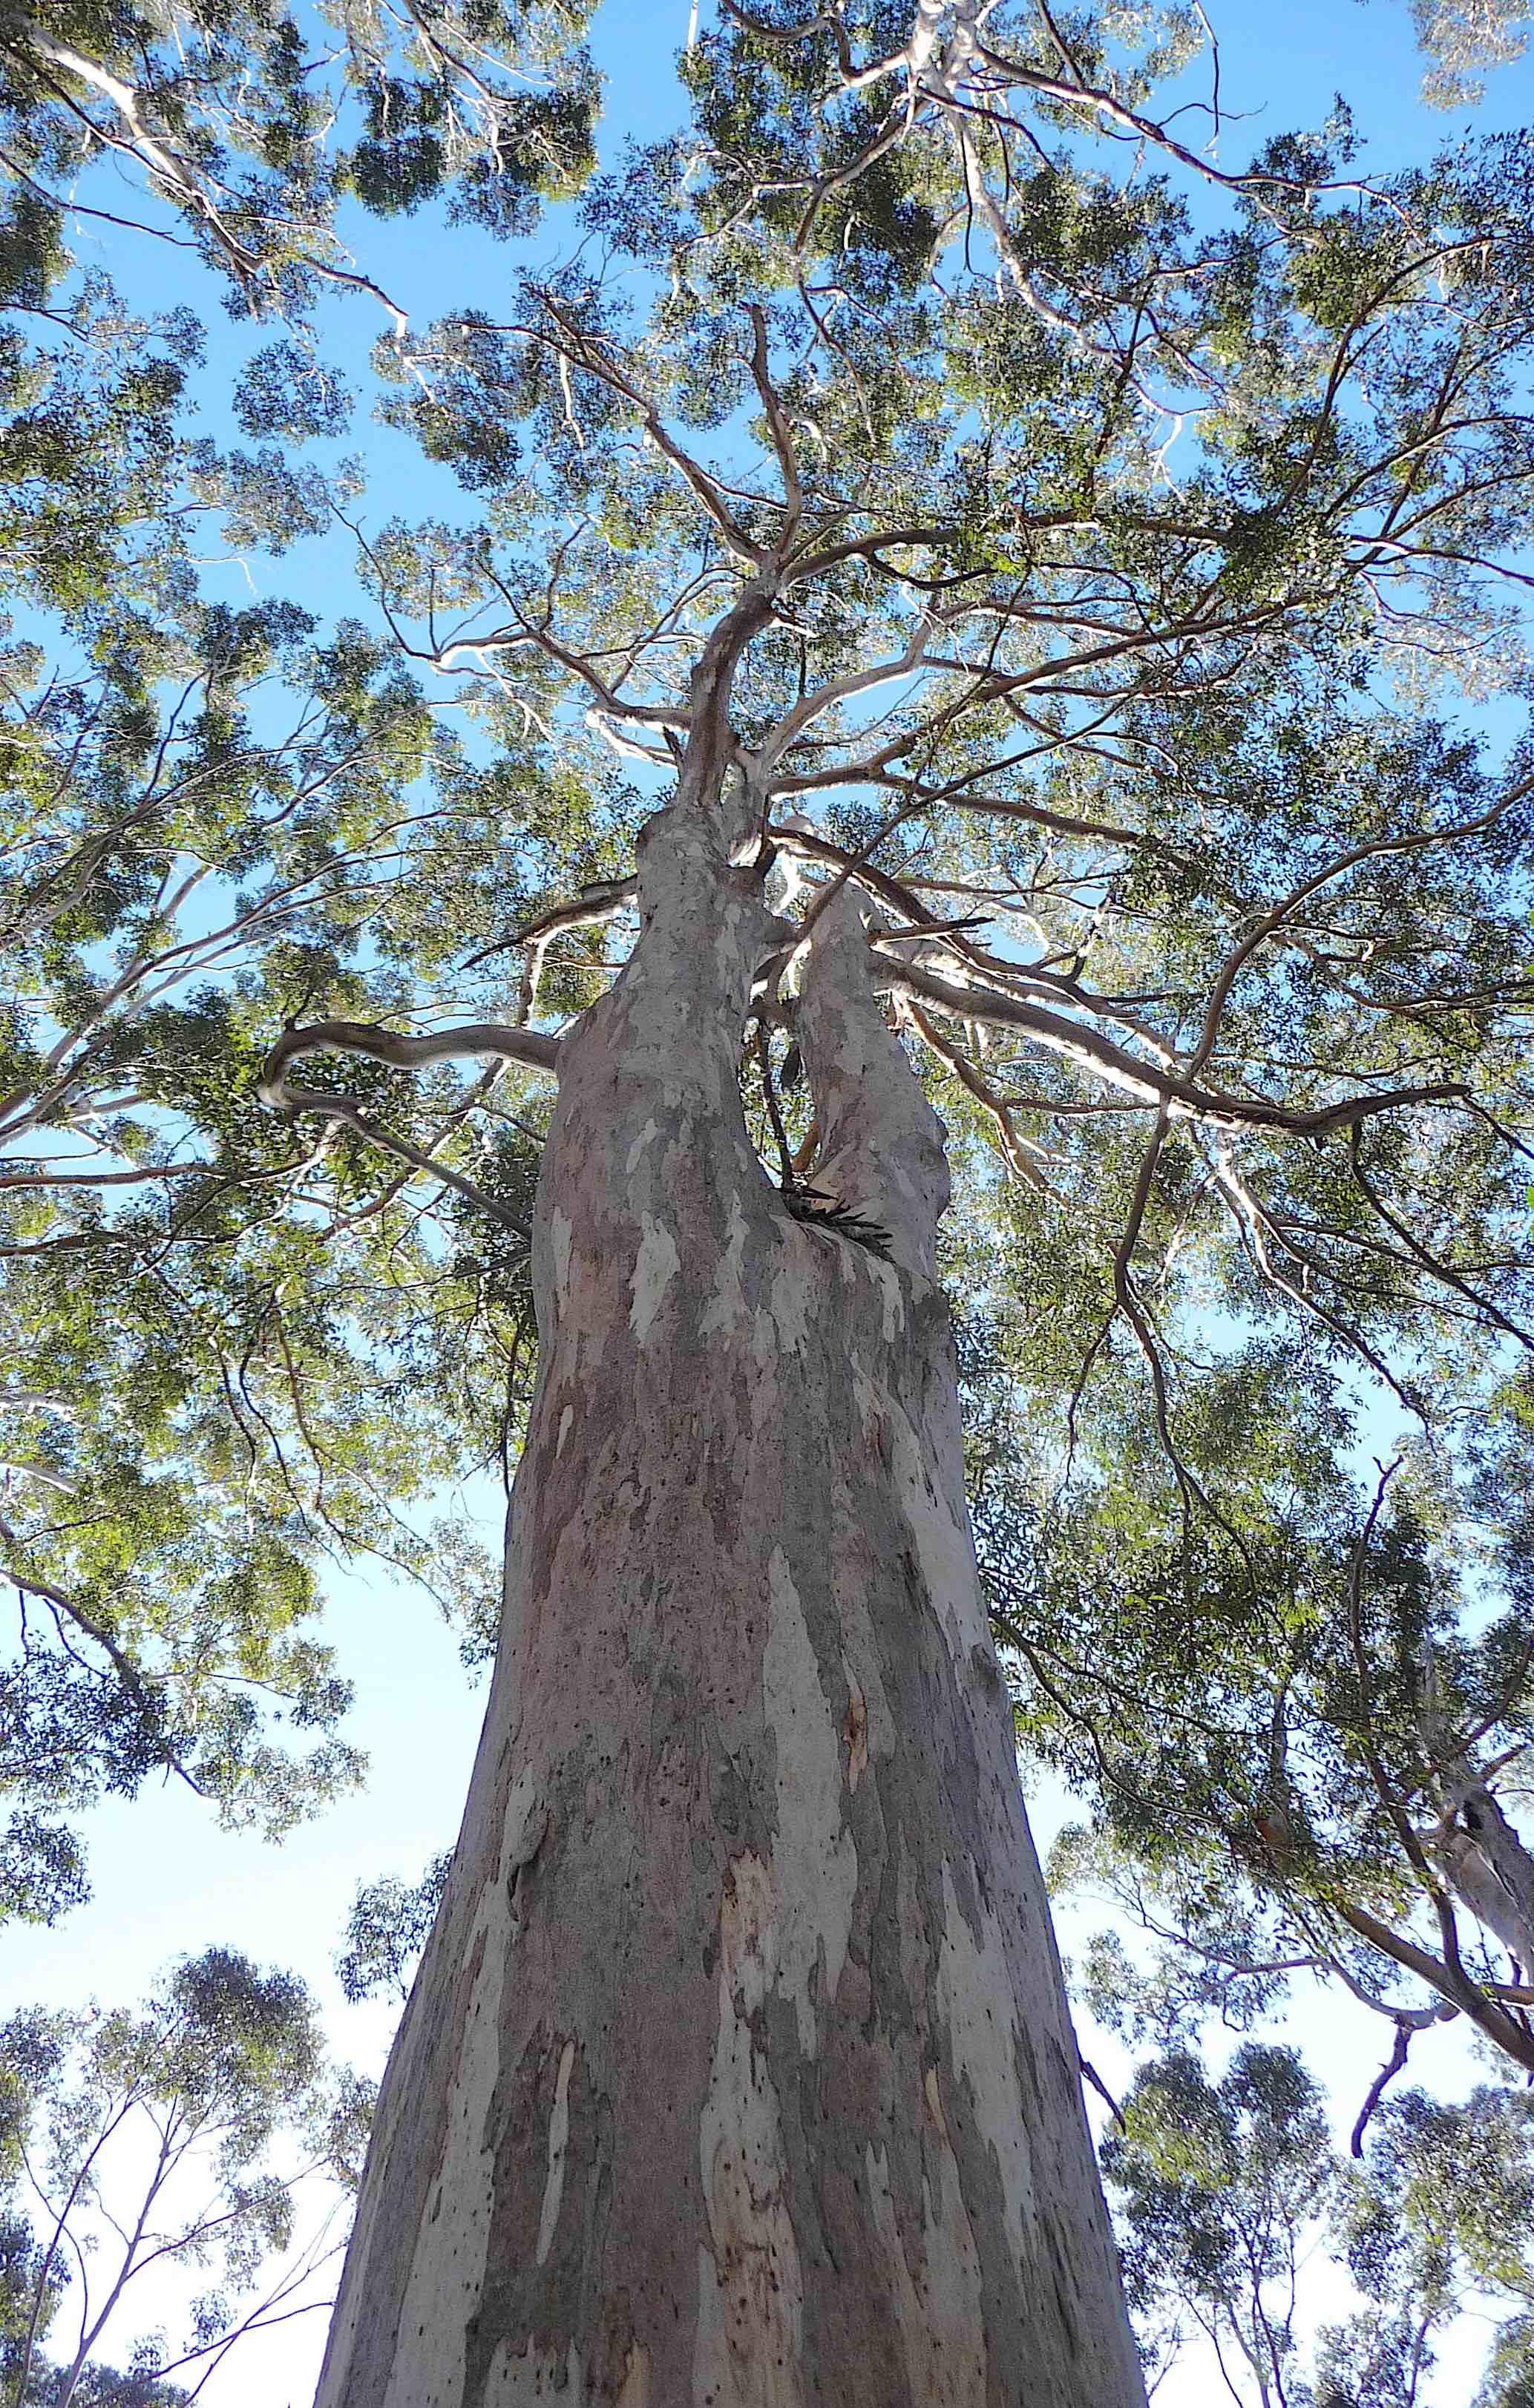 5.Karri tree